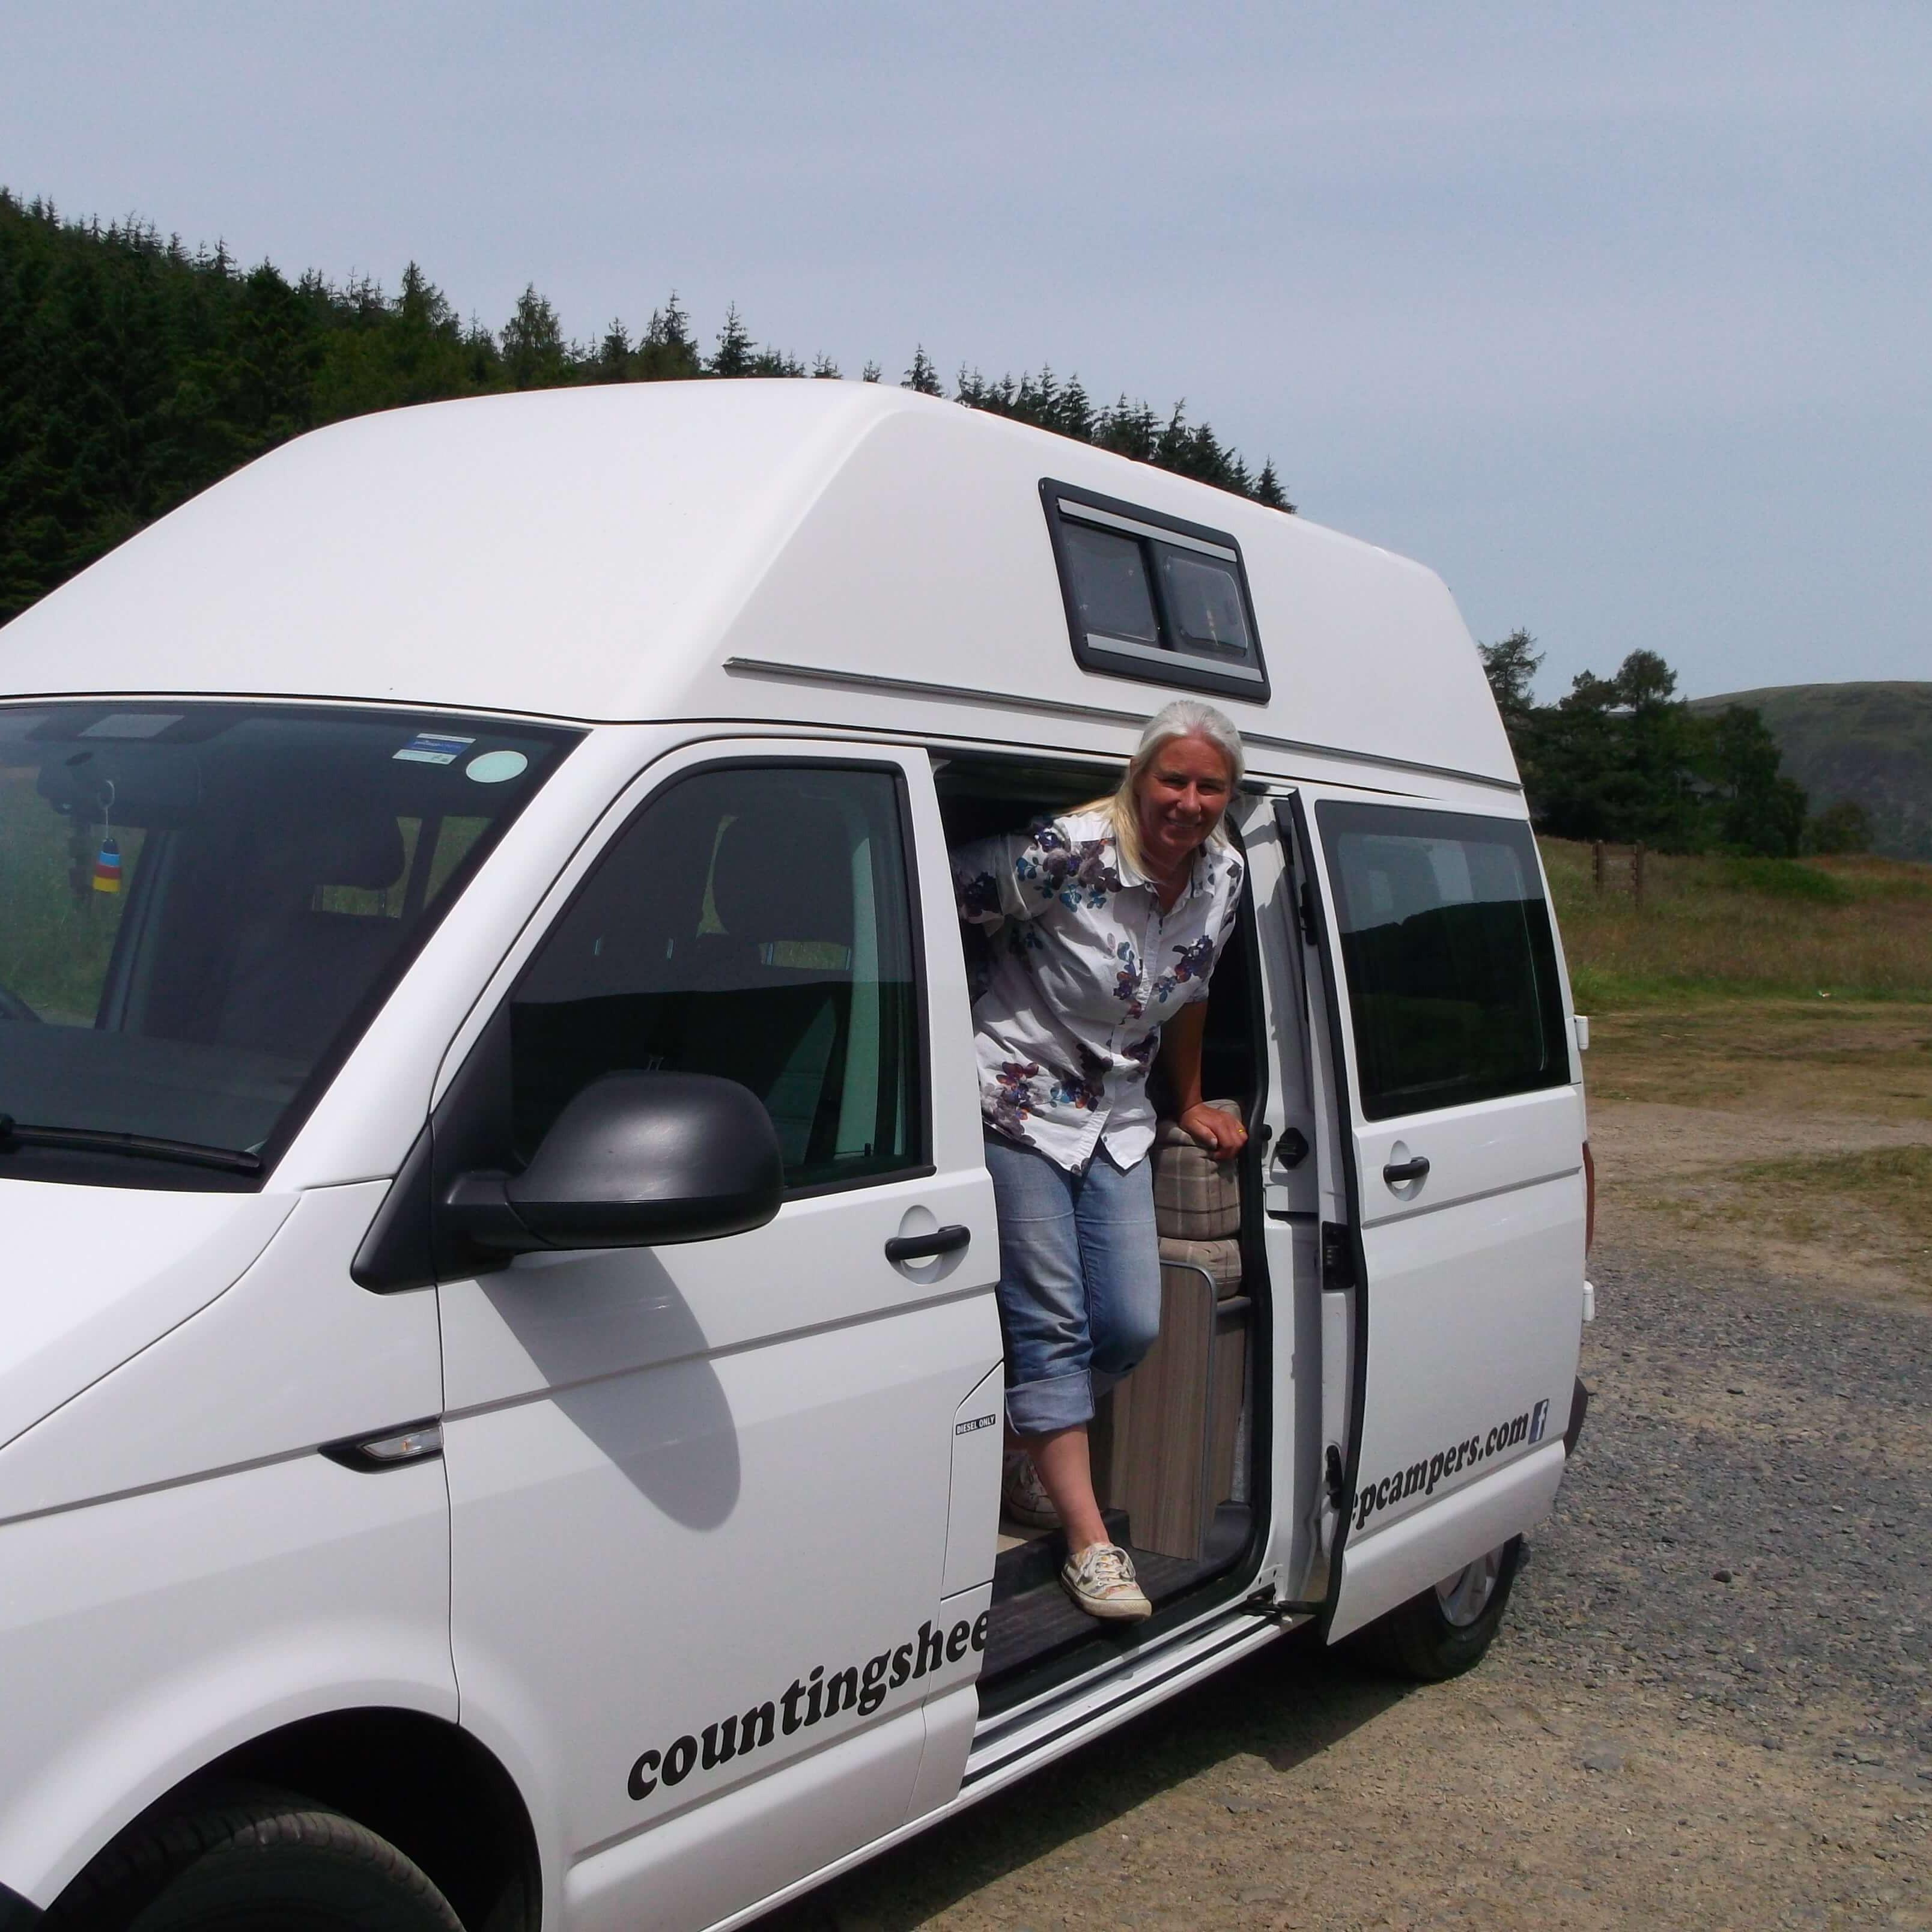 campervan at st marys loch